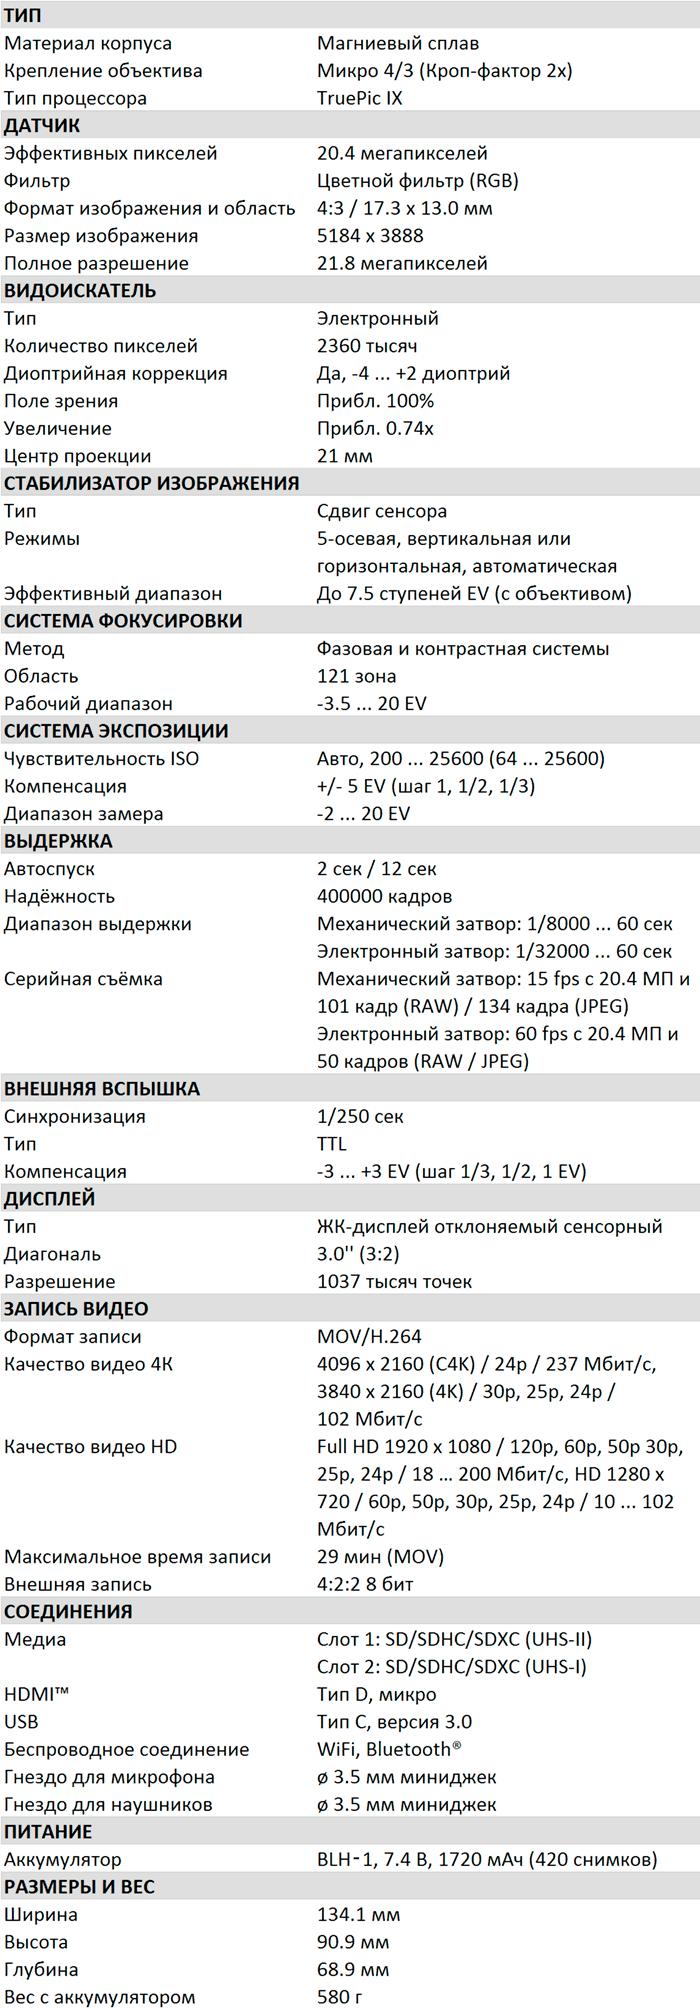 Характеристики Olympus E-M1 Mark III